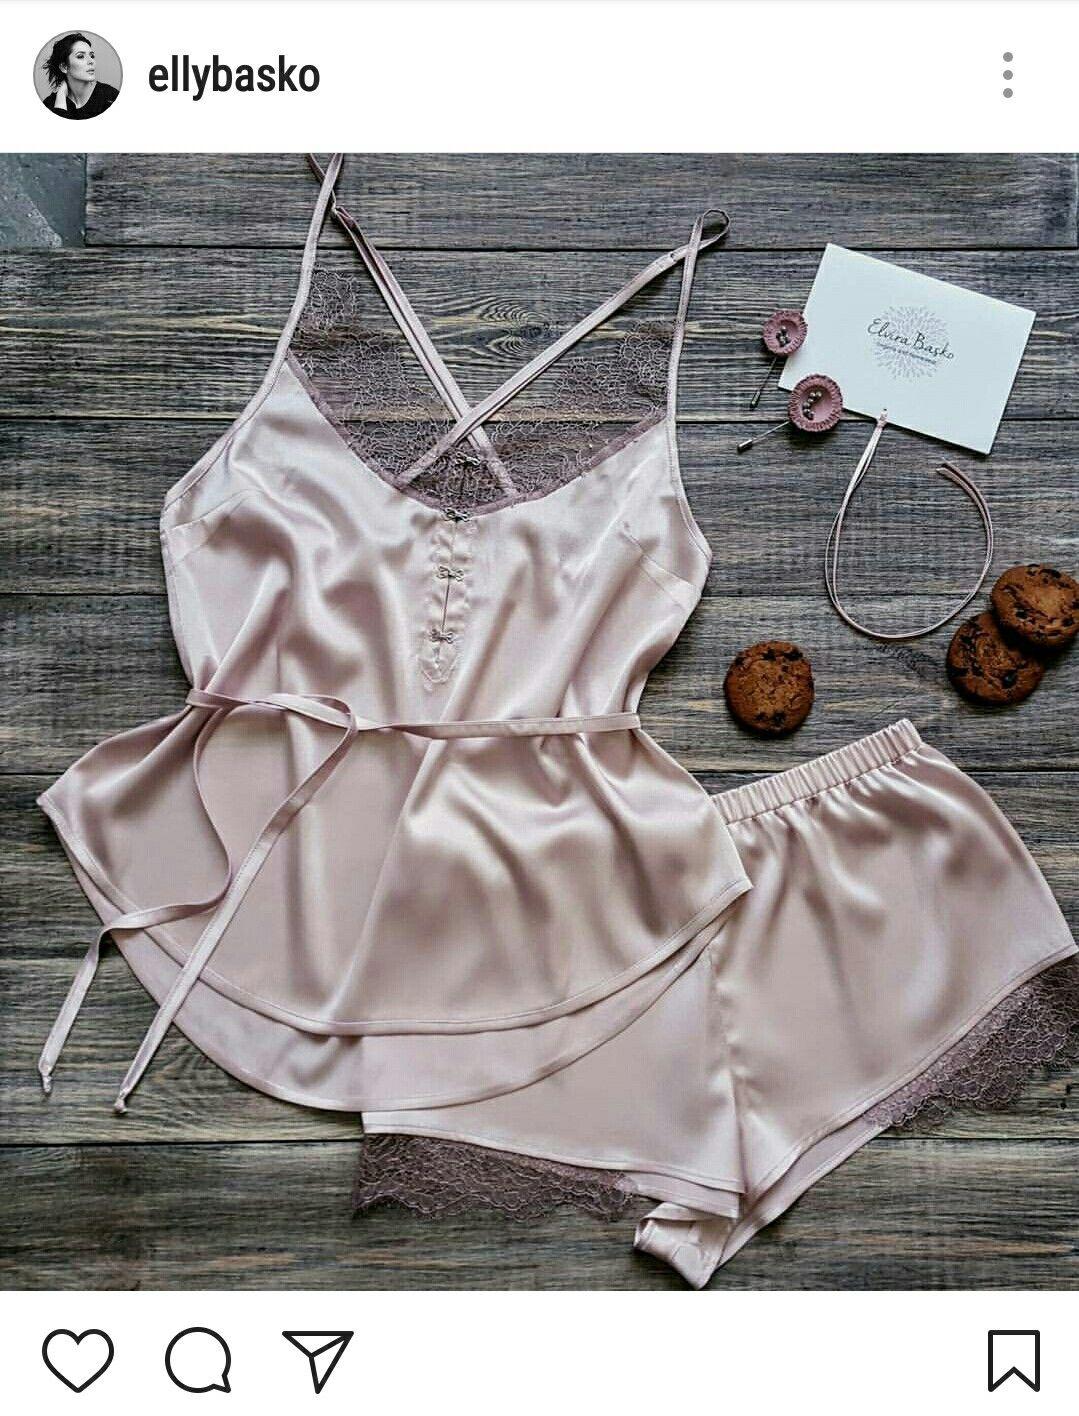 женское нижнее белье для сна пижамы